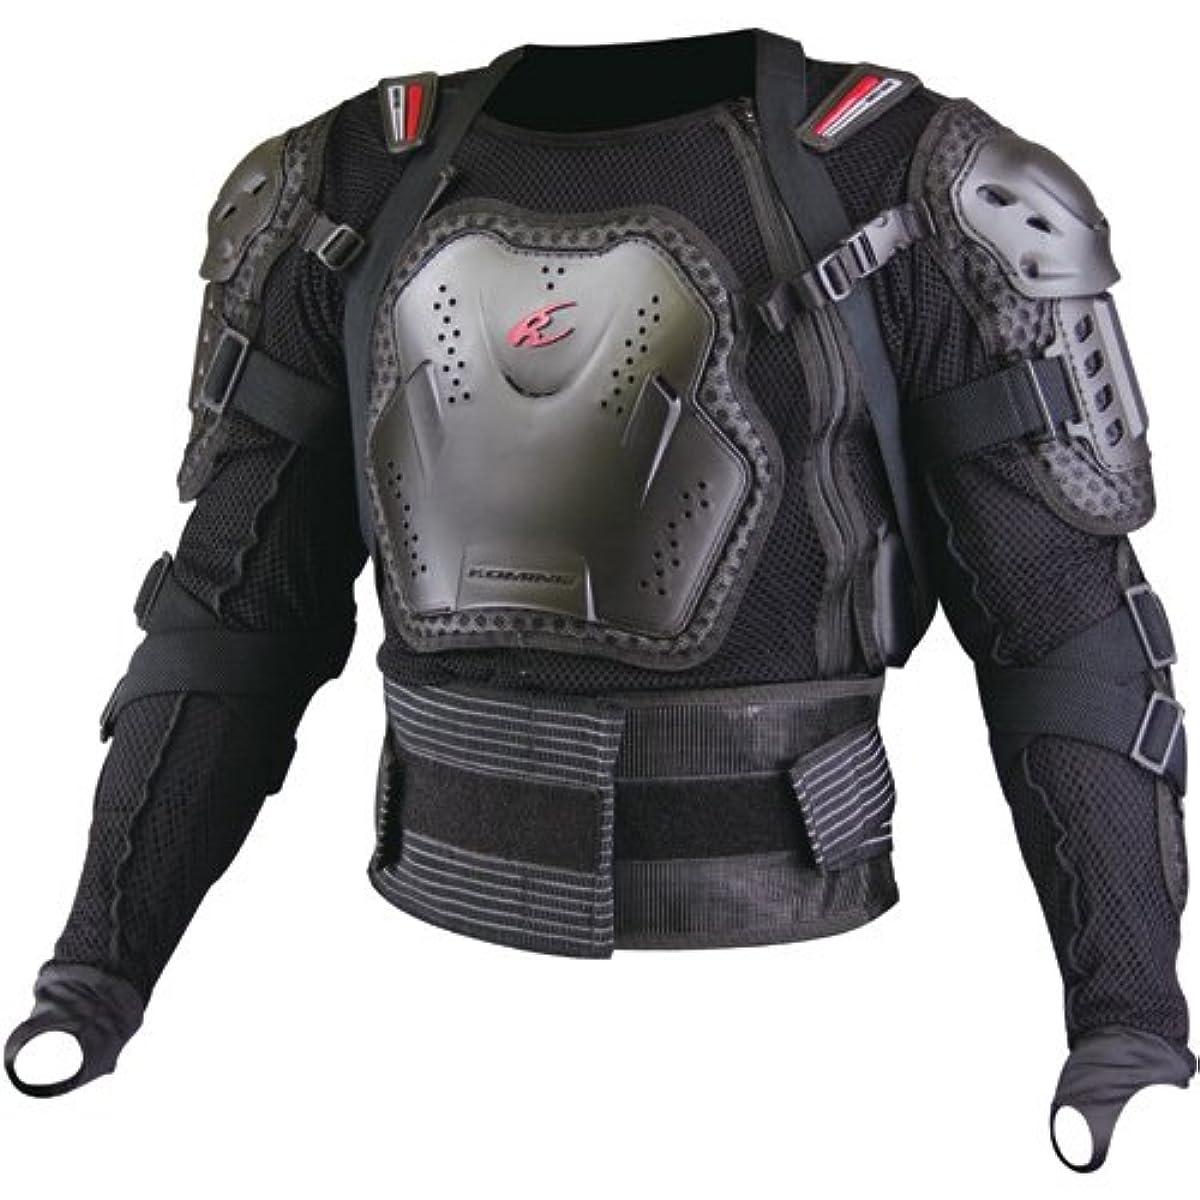 [해외] 코미네 KOMINE 오토바이 흉부 프로텍터 풀 아머드 바디 재킷 아우터 L 04-676 SK-676